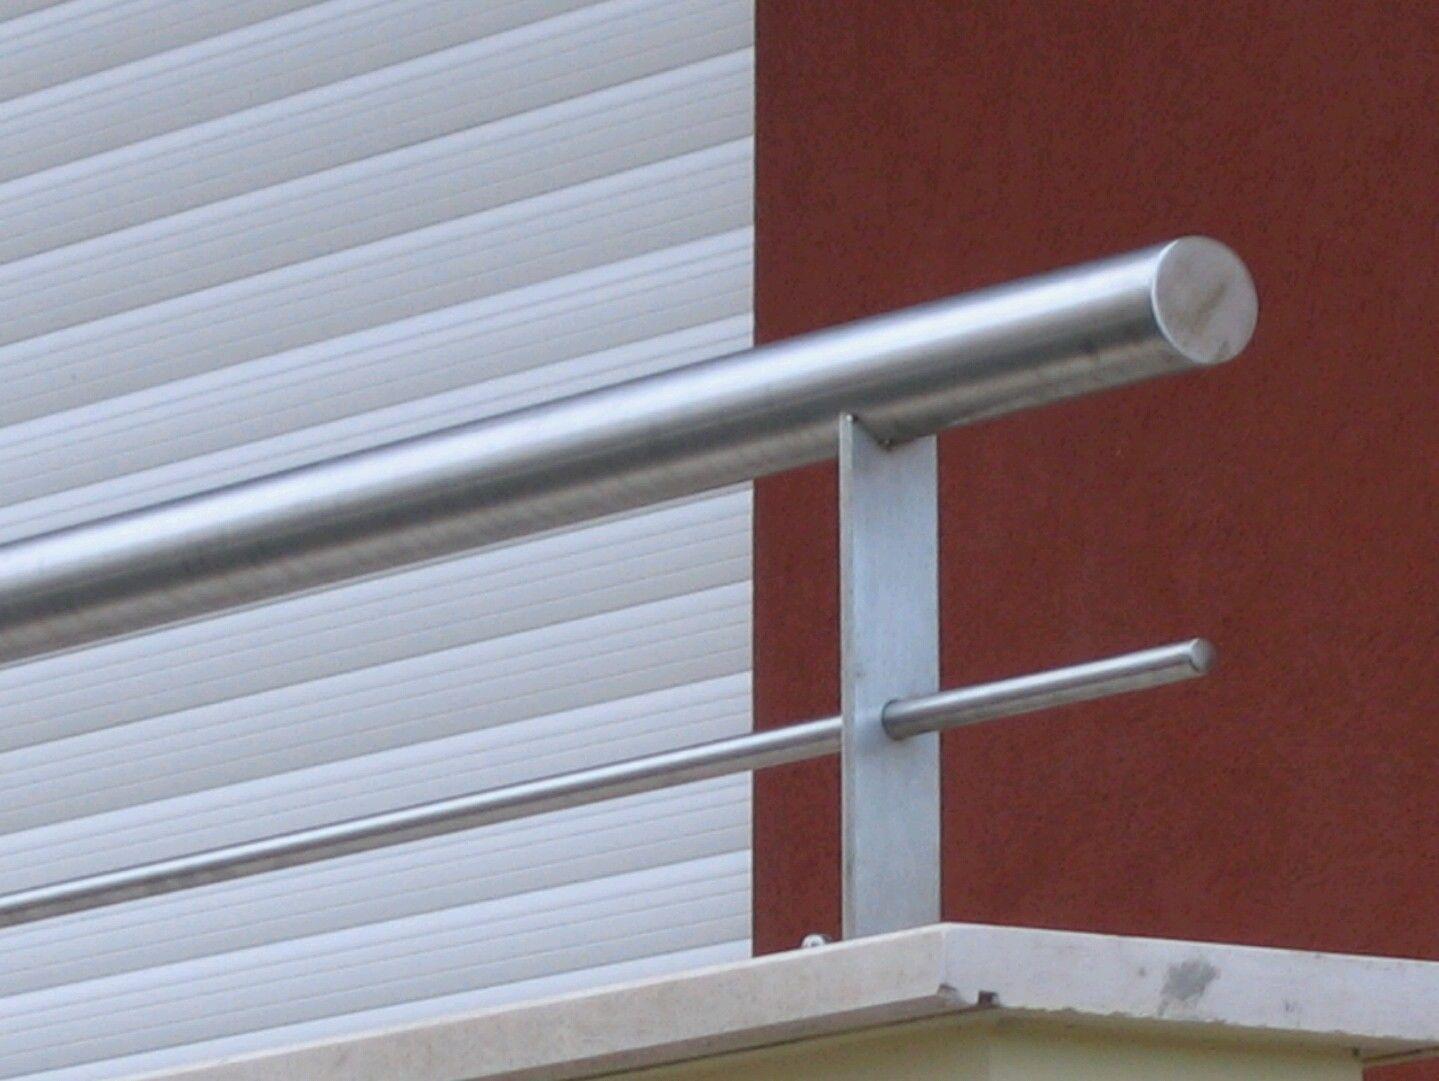 Altezza Dei Parapetti parapetto in acciaio inox altezza 25 cm · e-commerce inoxlm